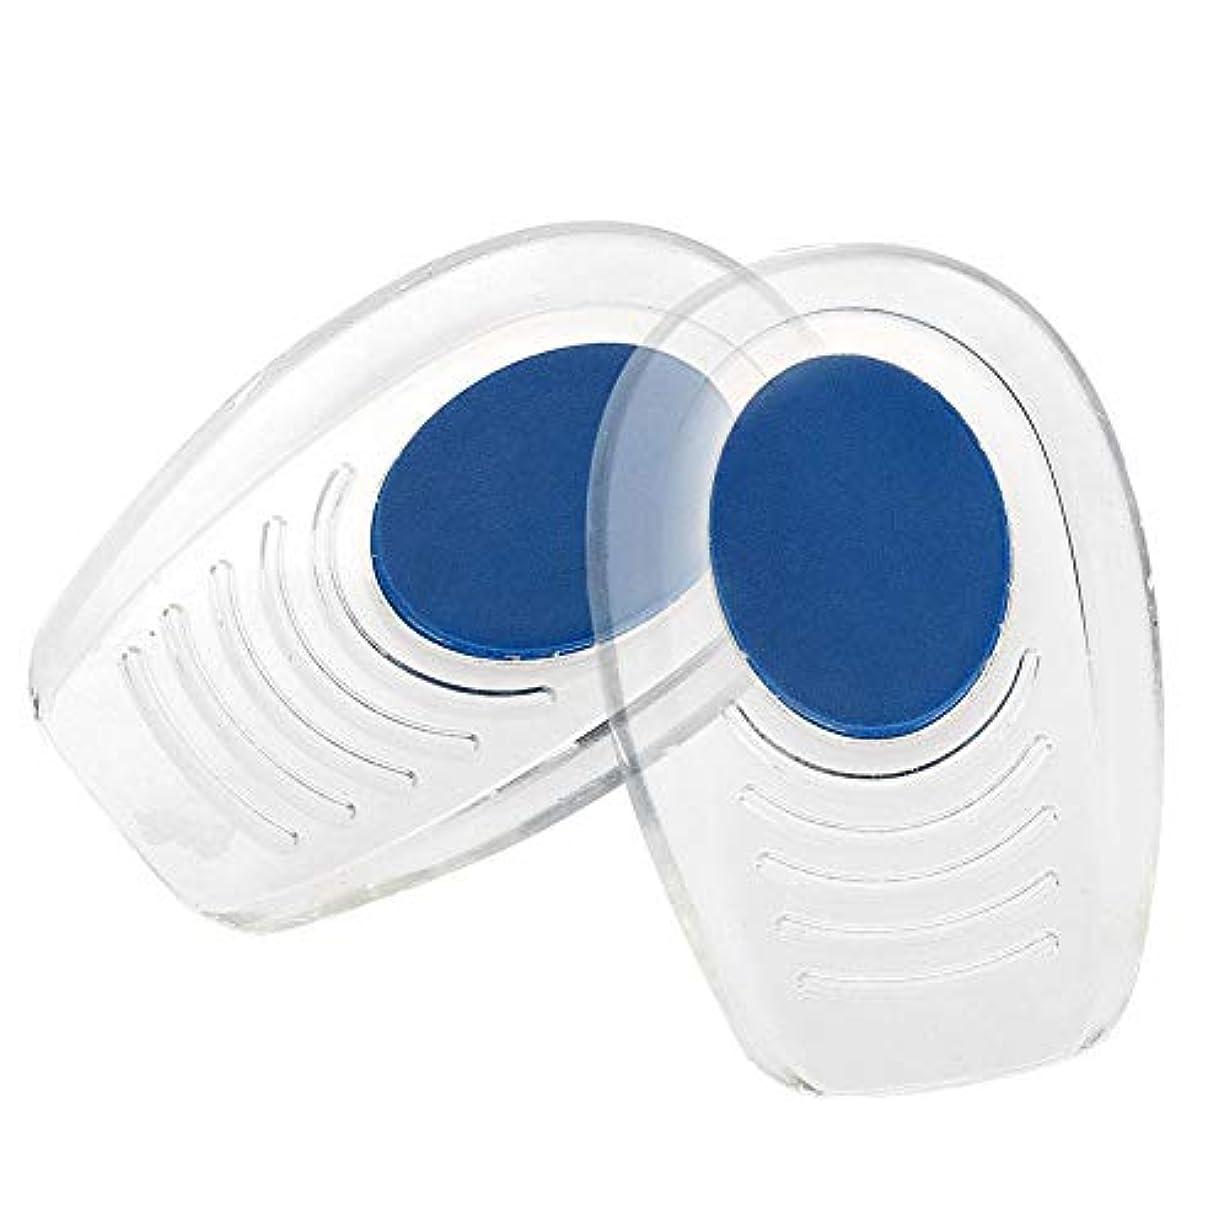 馬力グラム経済的ソフトインソール かかと痛みパッド   シリコーン衝撃吸収ヒールパッド (滑り止めテクスチャー付) ブルー パッドフットケアツール (S(7*10.5CM))